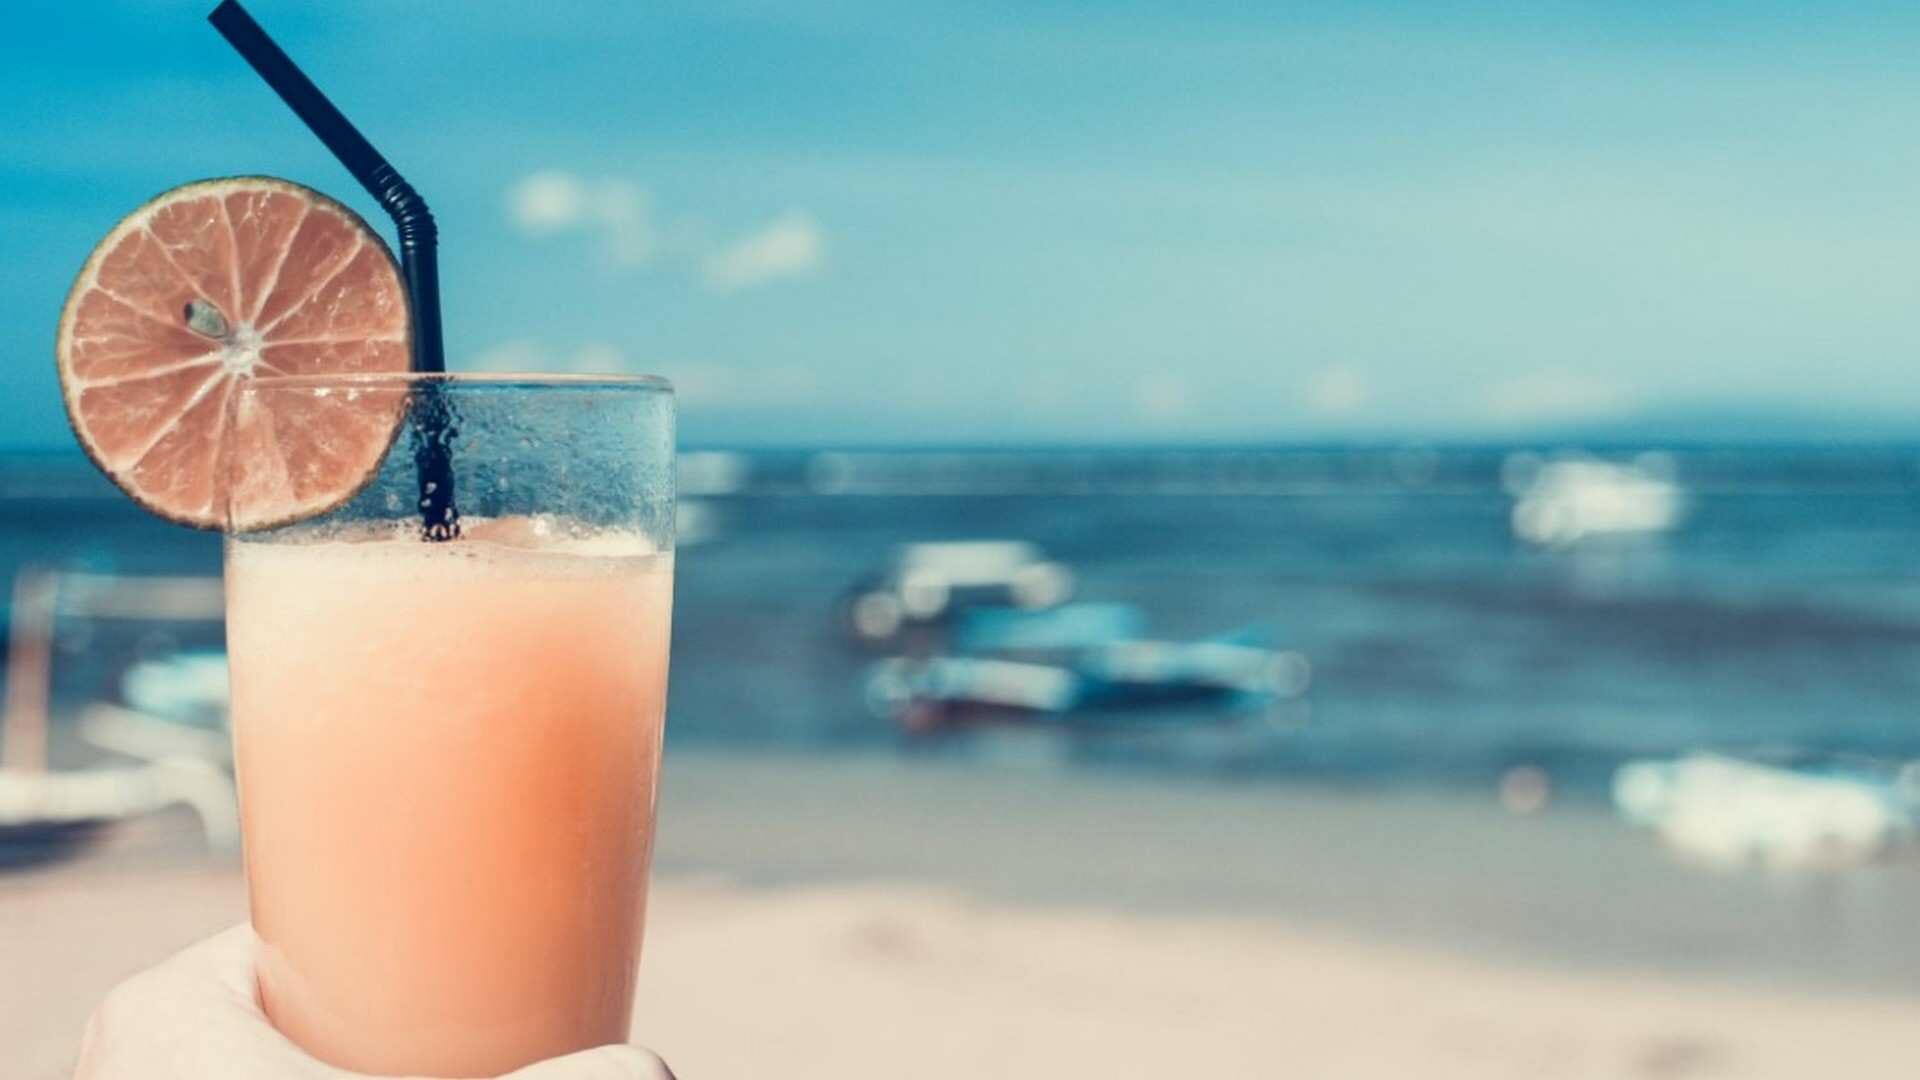 6 ideas de zumos de frutas para el verano 2021: 3 clásicos y 3 modernos